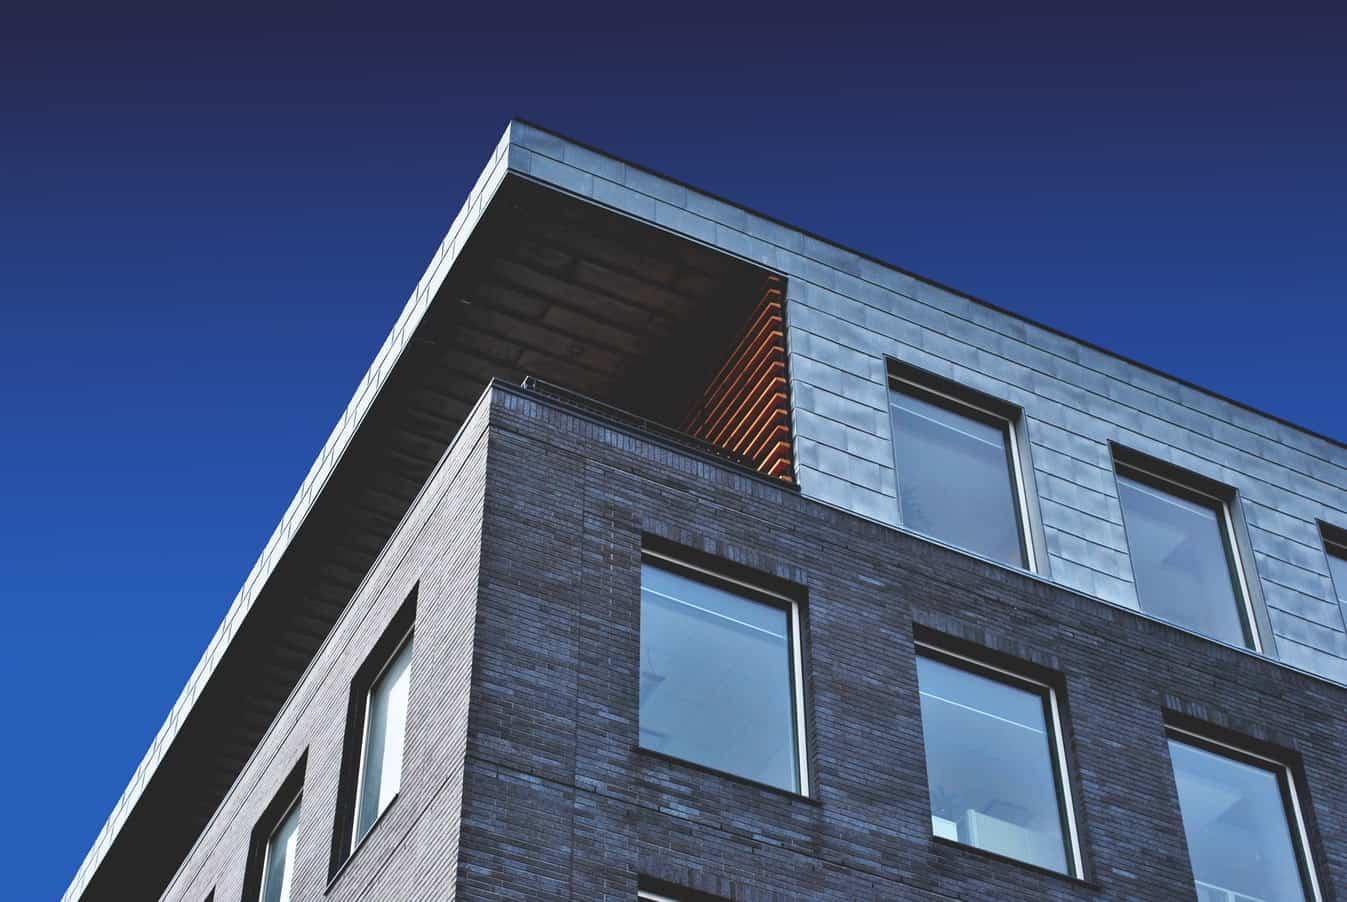 Mieszkanie czy dom w Szczecinie, które rozwiązanie będzie najlepsze dla Ciebie?